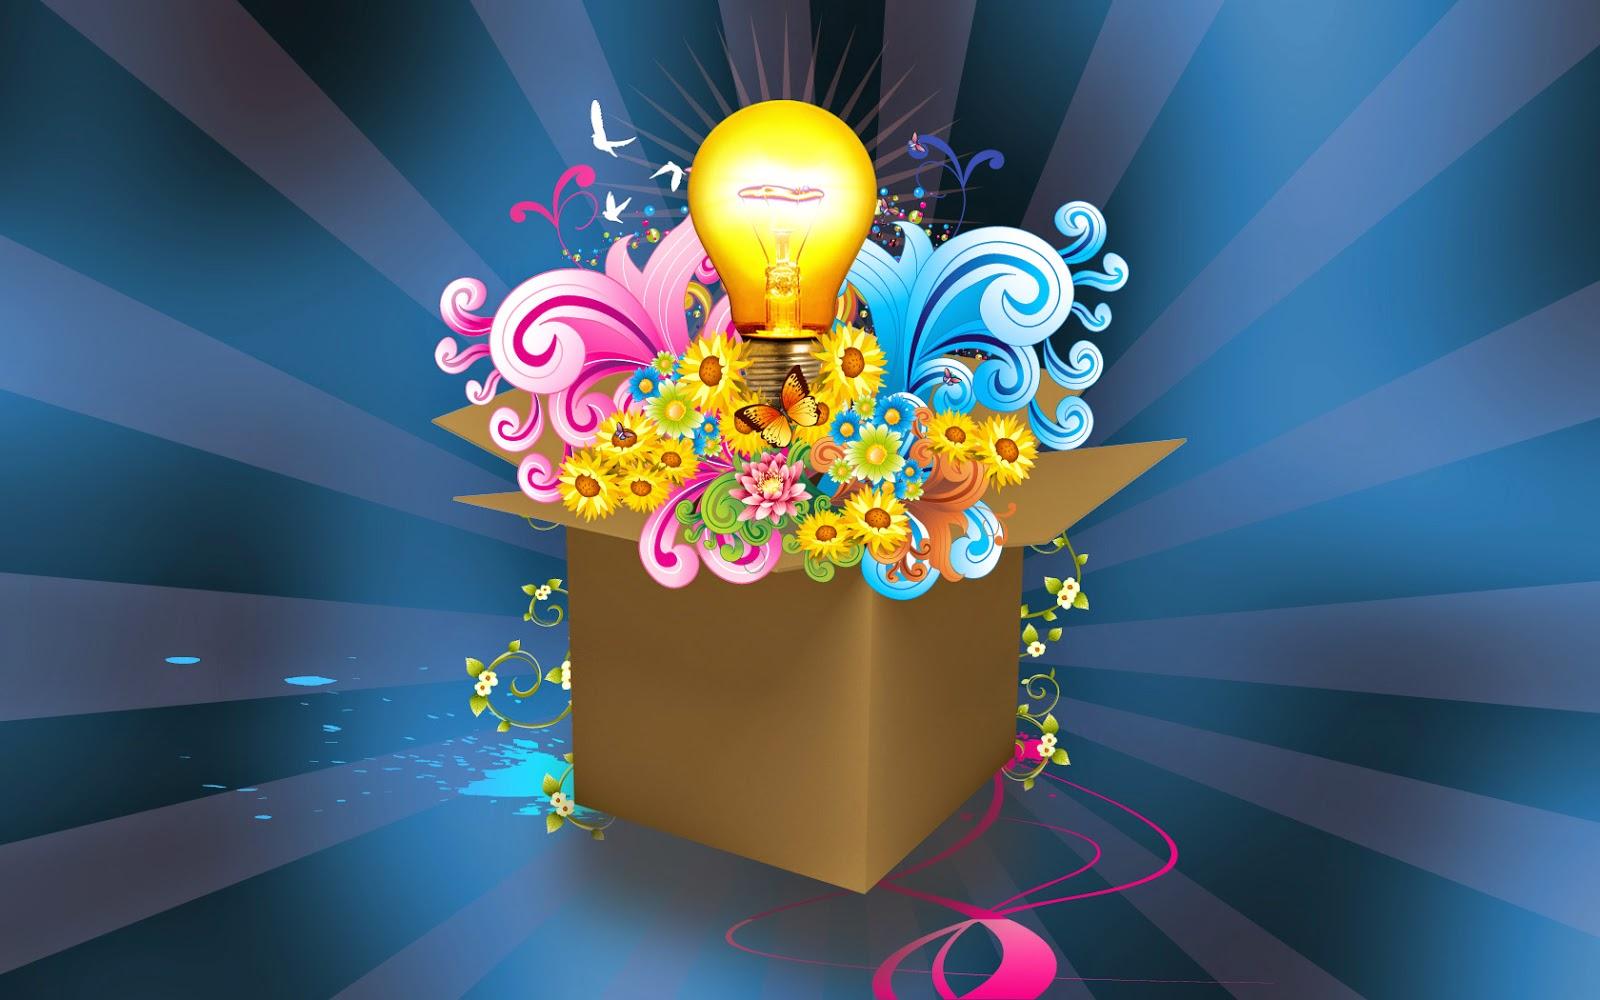 http://www.owningpink.com/sites/default/files/images/wp/2010/02/outsidethebox.jpg